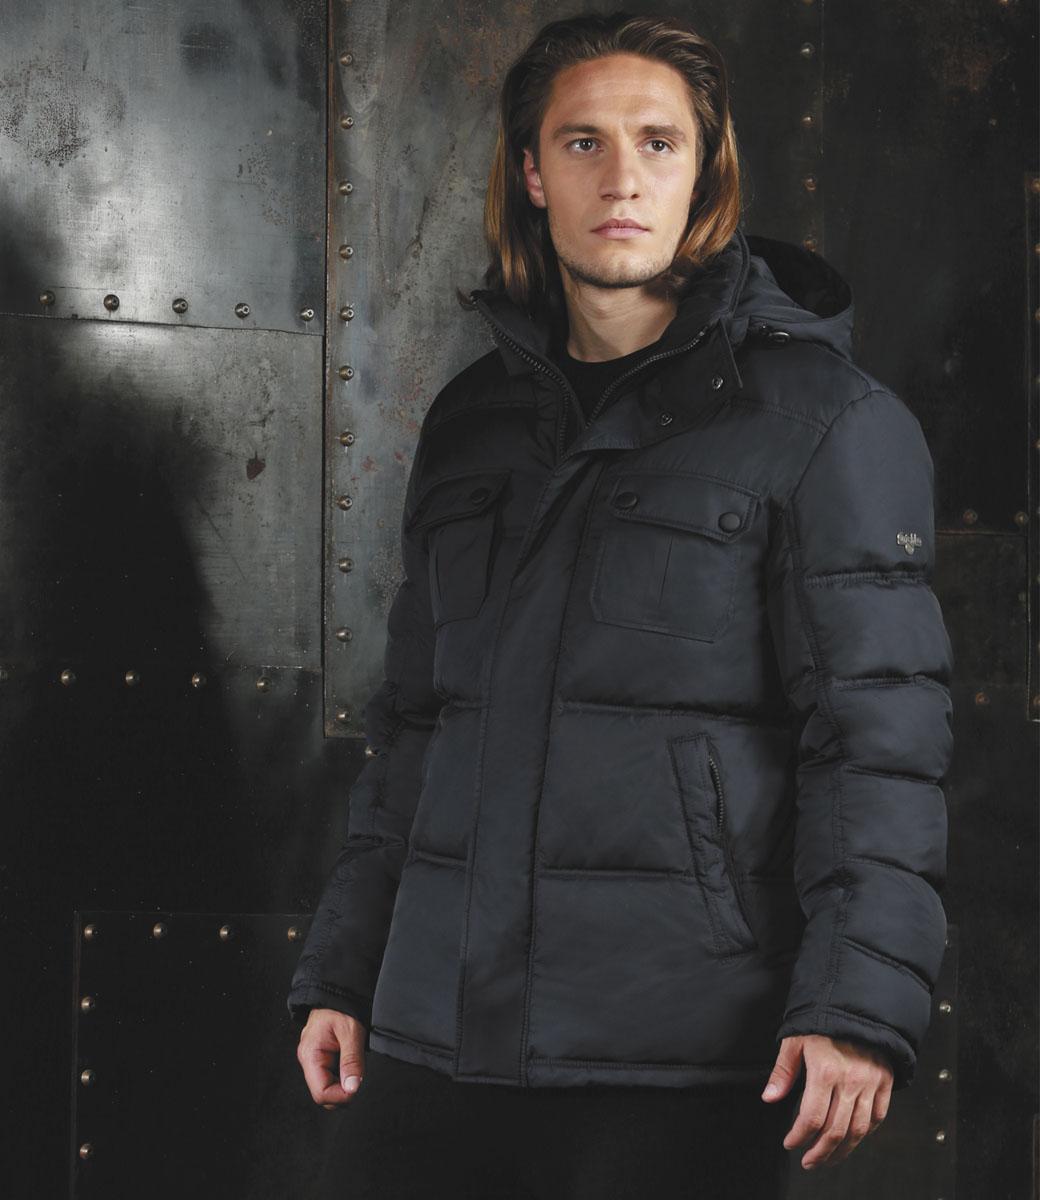 КурткаAL-2975Практичная универсальная куртка спортивного силуэта с застежкой на молнию и закрытым глубоким капюшоном, снабженным фиксаторами, дополнительно защищающим от непогоды, Нагрудные карманы на кнопках, 2 боковых втачных кармана на молниях и внутренний карман. Незаменимая модель в холодную осеннюю погоду. Утеплитель 100процентный микрофайбер. Микрофайбер это утеплитель нового поколения, который отличается повышенной теплоизоляцией, антибактериальными свойствами, долговечностью в использовании,и необычайно легок в носке и уходе. Изделия легко стираются в машинке, не теряя первоначального внешнего вида.